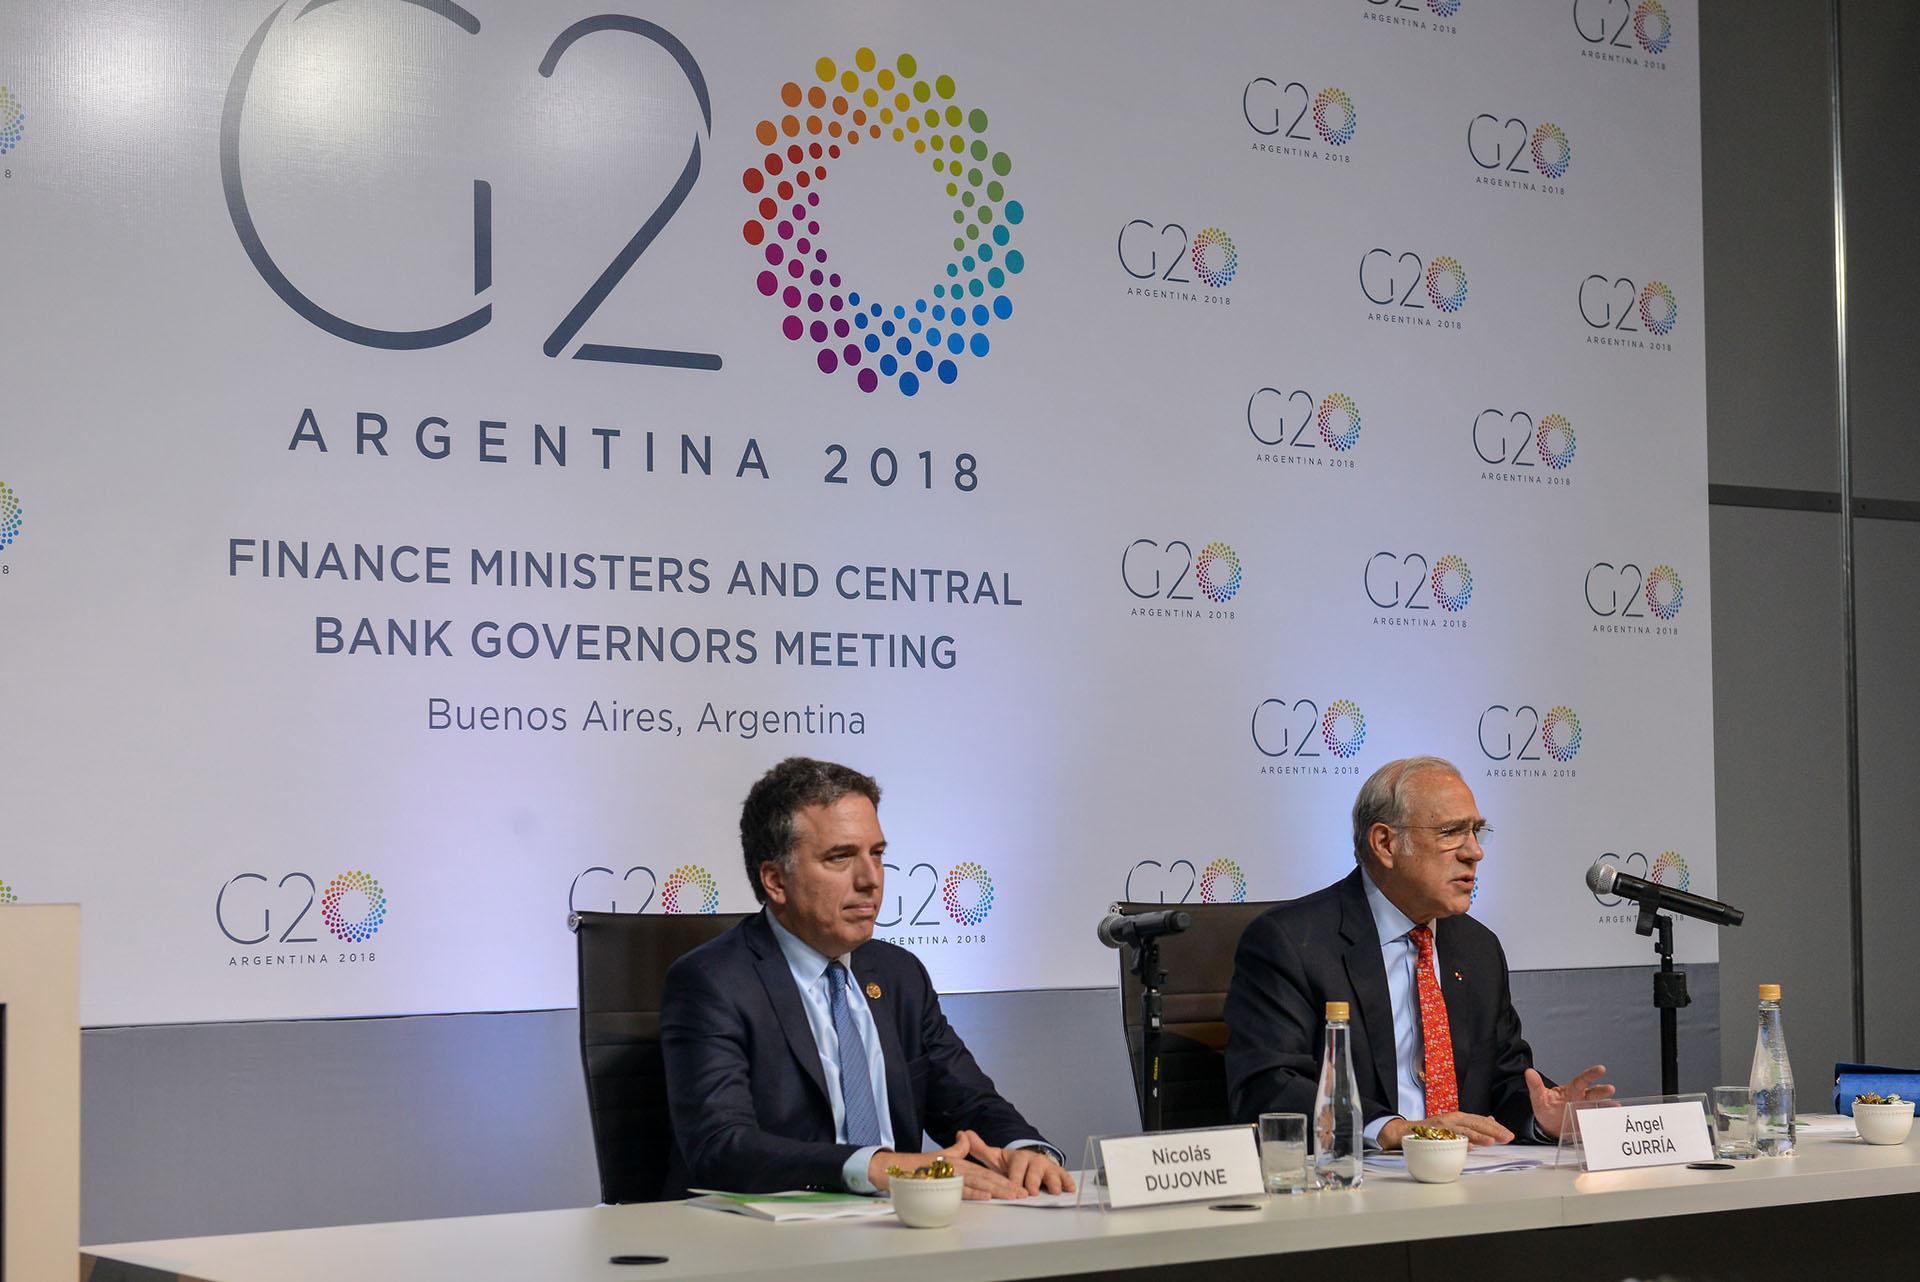 Nicolás Dujovne, ministro de Hacienda argentino, y Ángel Gurría, secretario general de la OCDE